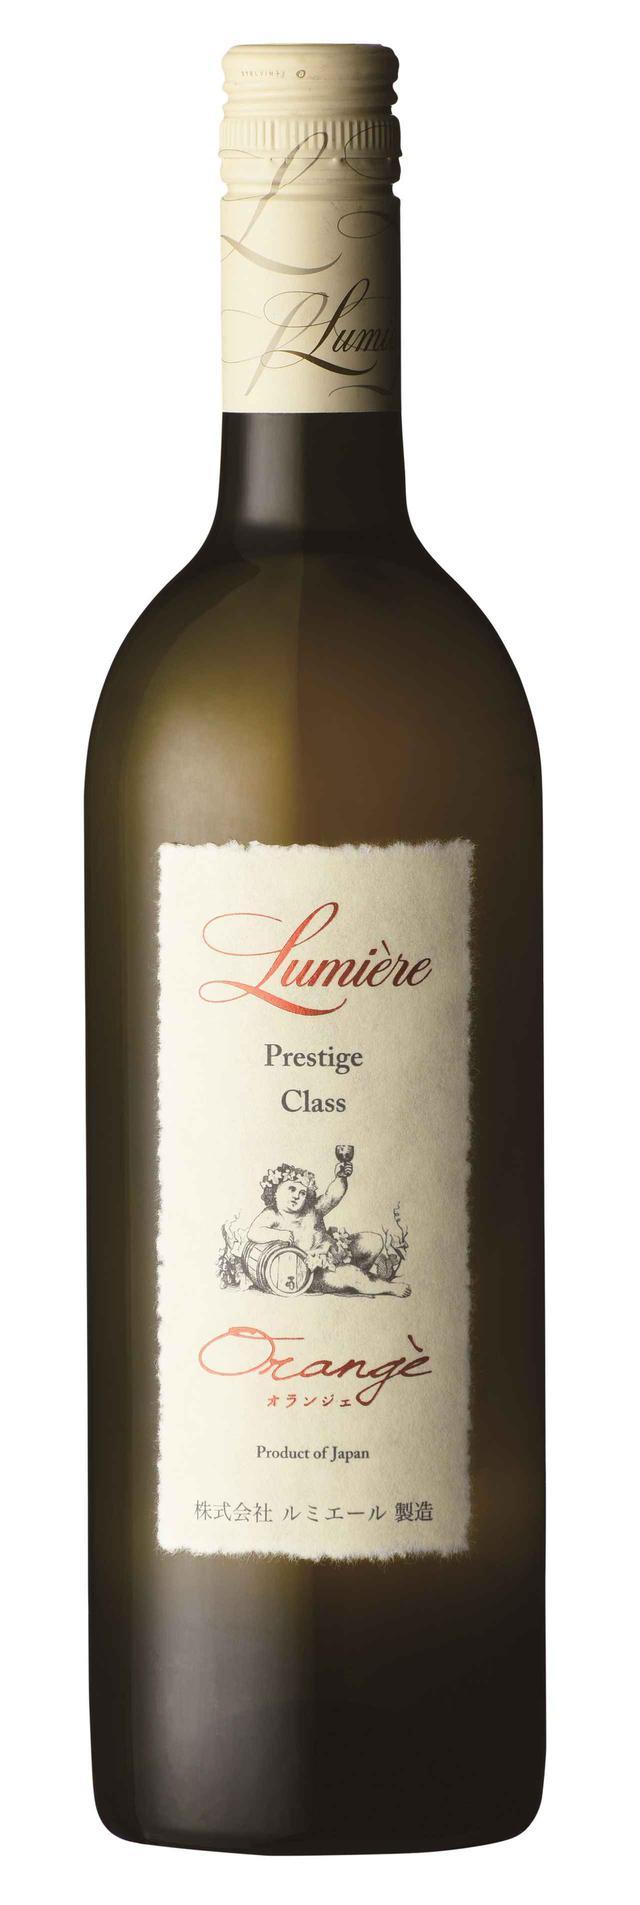 画像: ルミエールのオレンジワイン 新ヴィンテージを発売